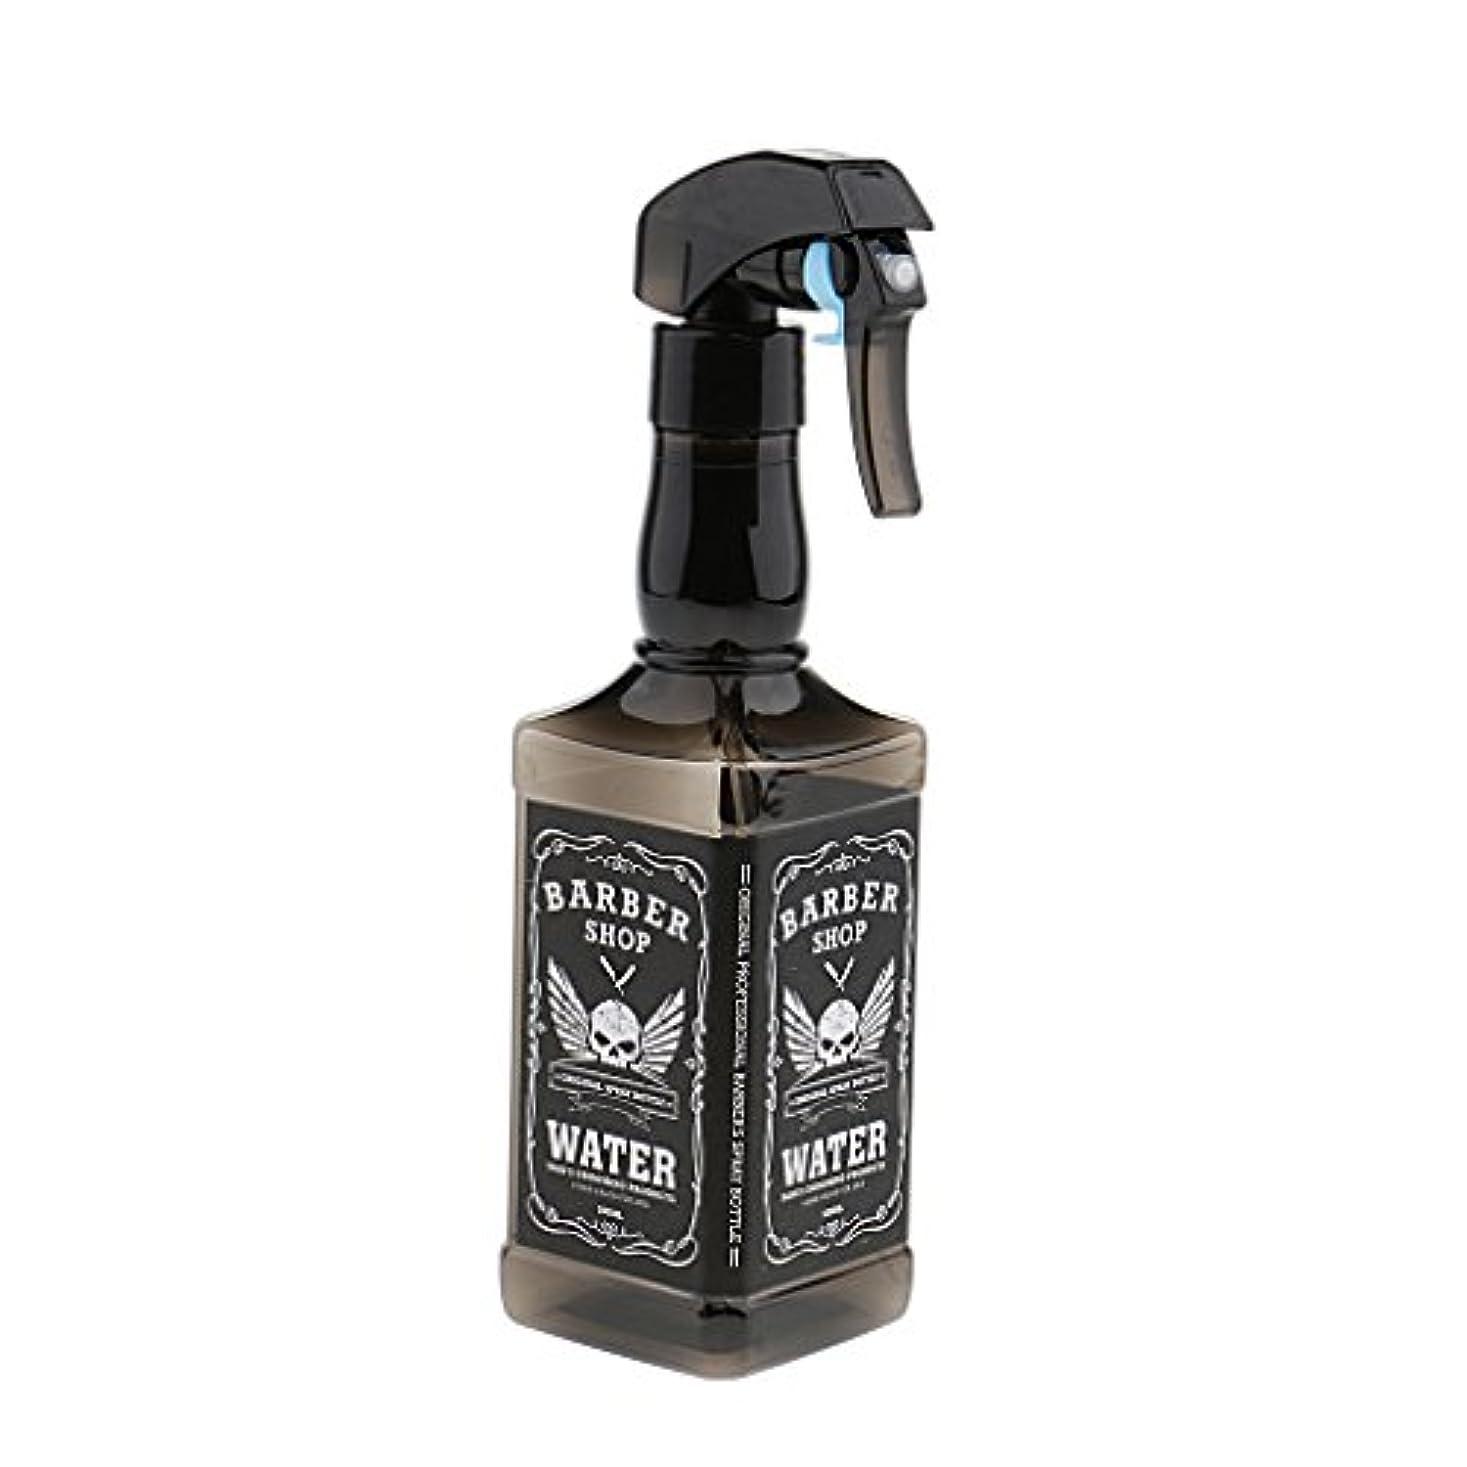 苦ごちそうバスタブスプレーボトル プラスチック製 ヘアスプレー ボトル サロン 美容院 水スプレー 500ml 3色選べ - ブラック